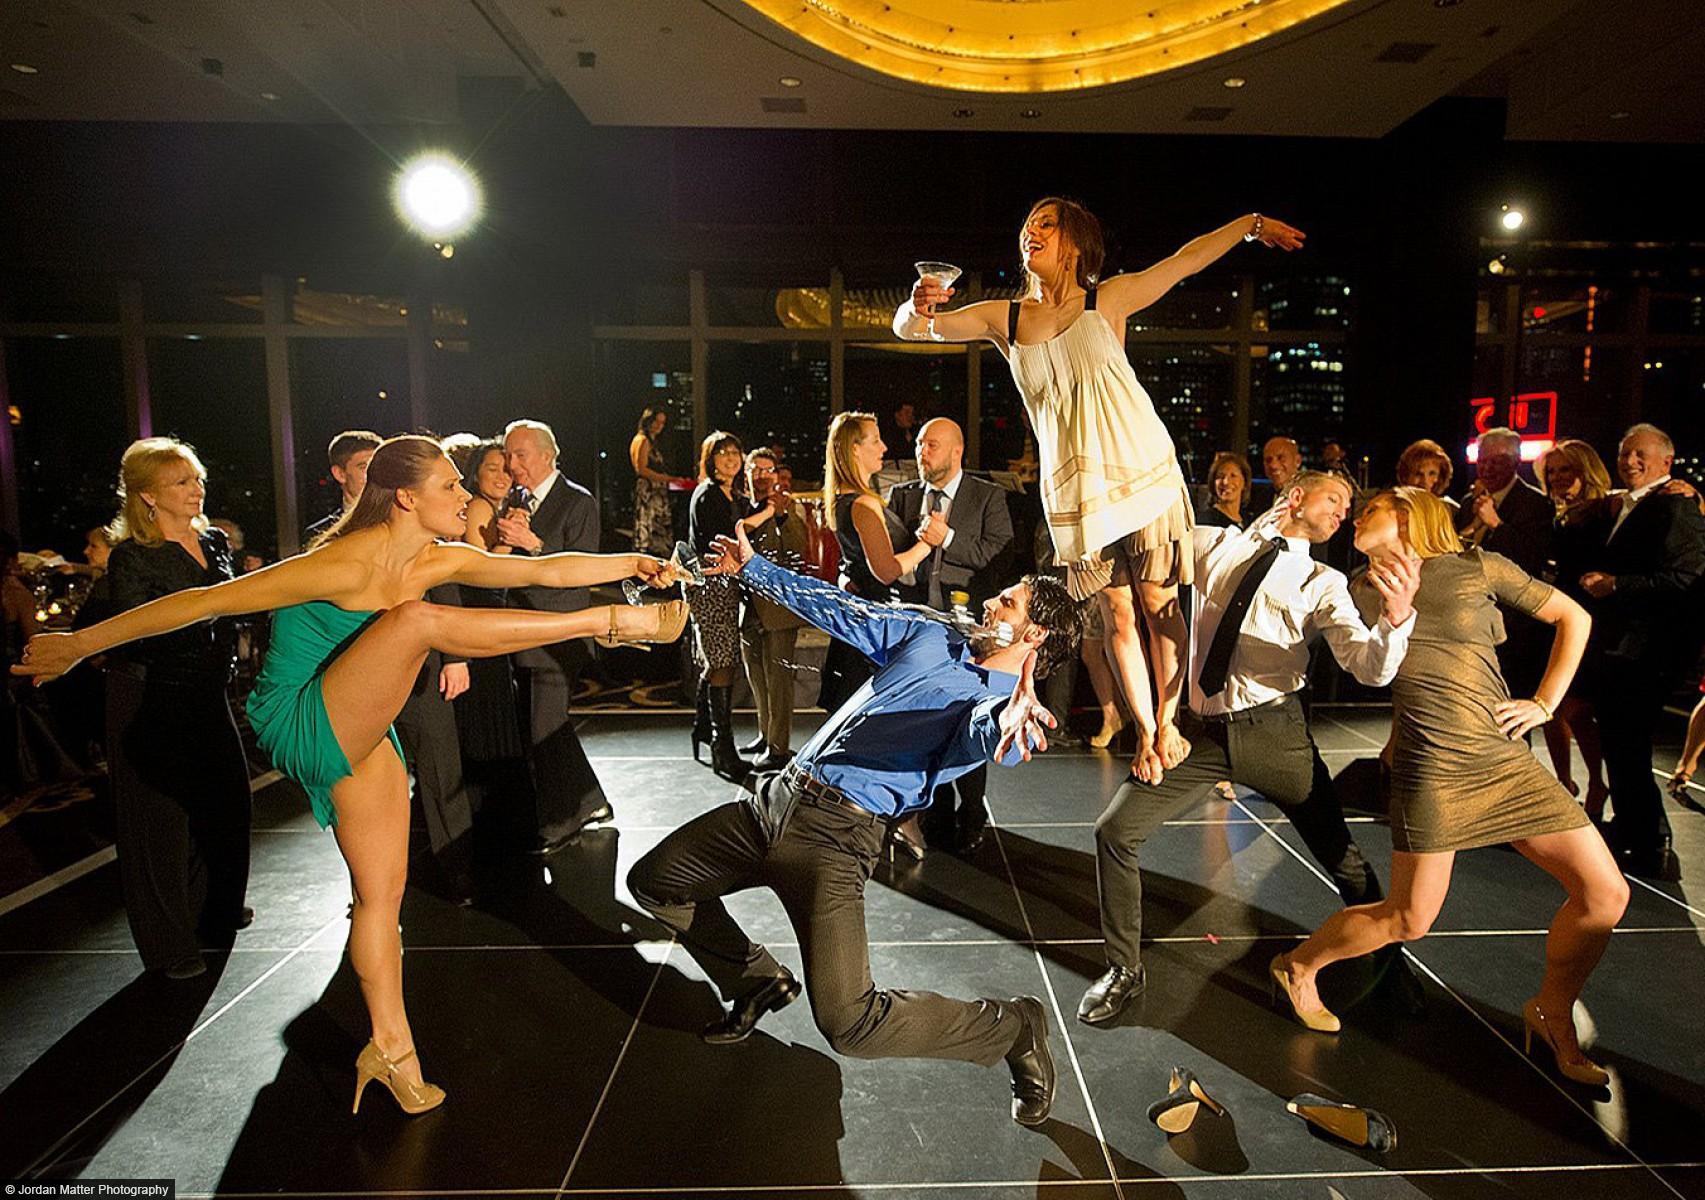 Спб танцевальные вечеринки свинг 14 фотография